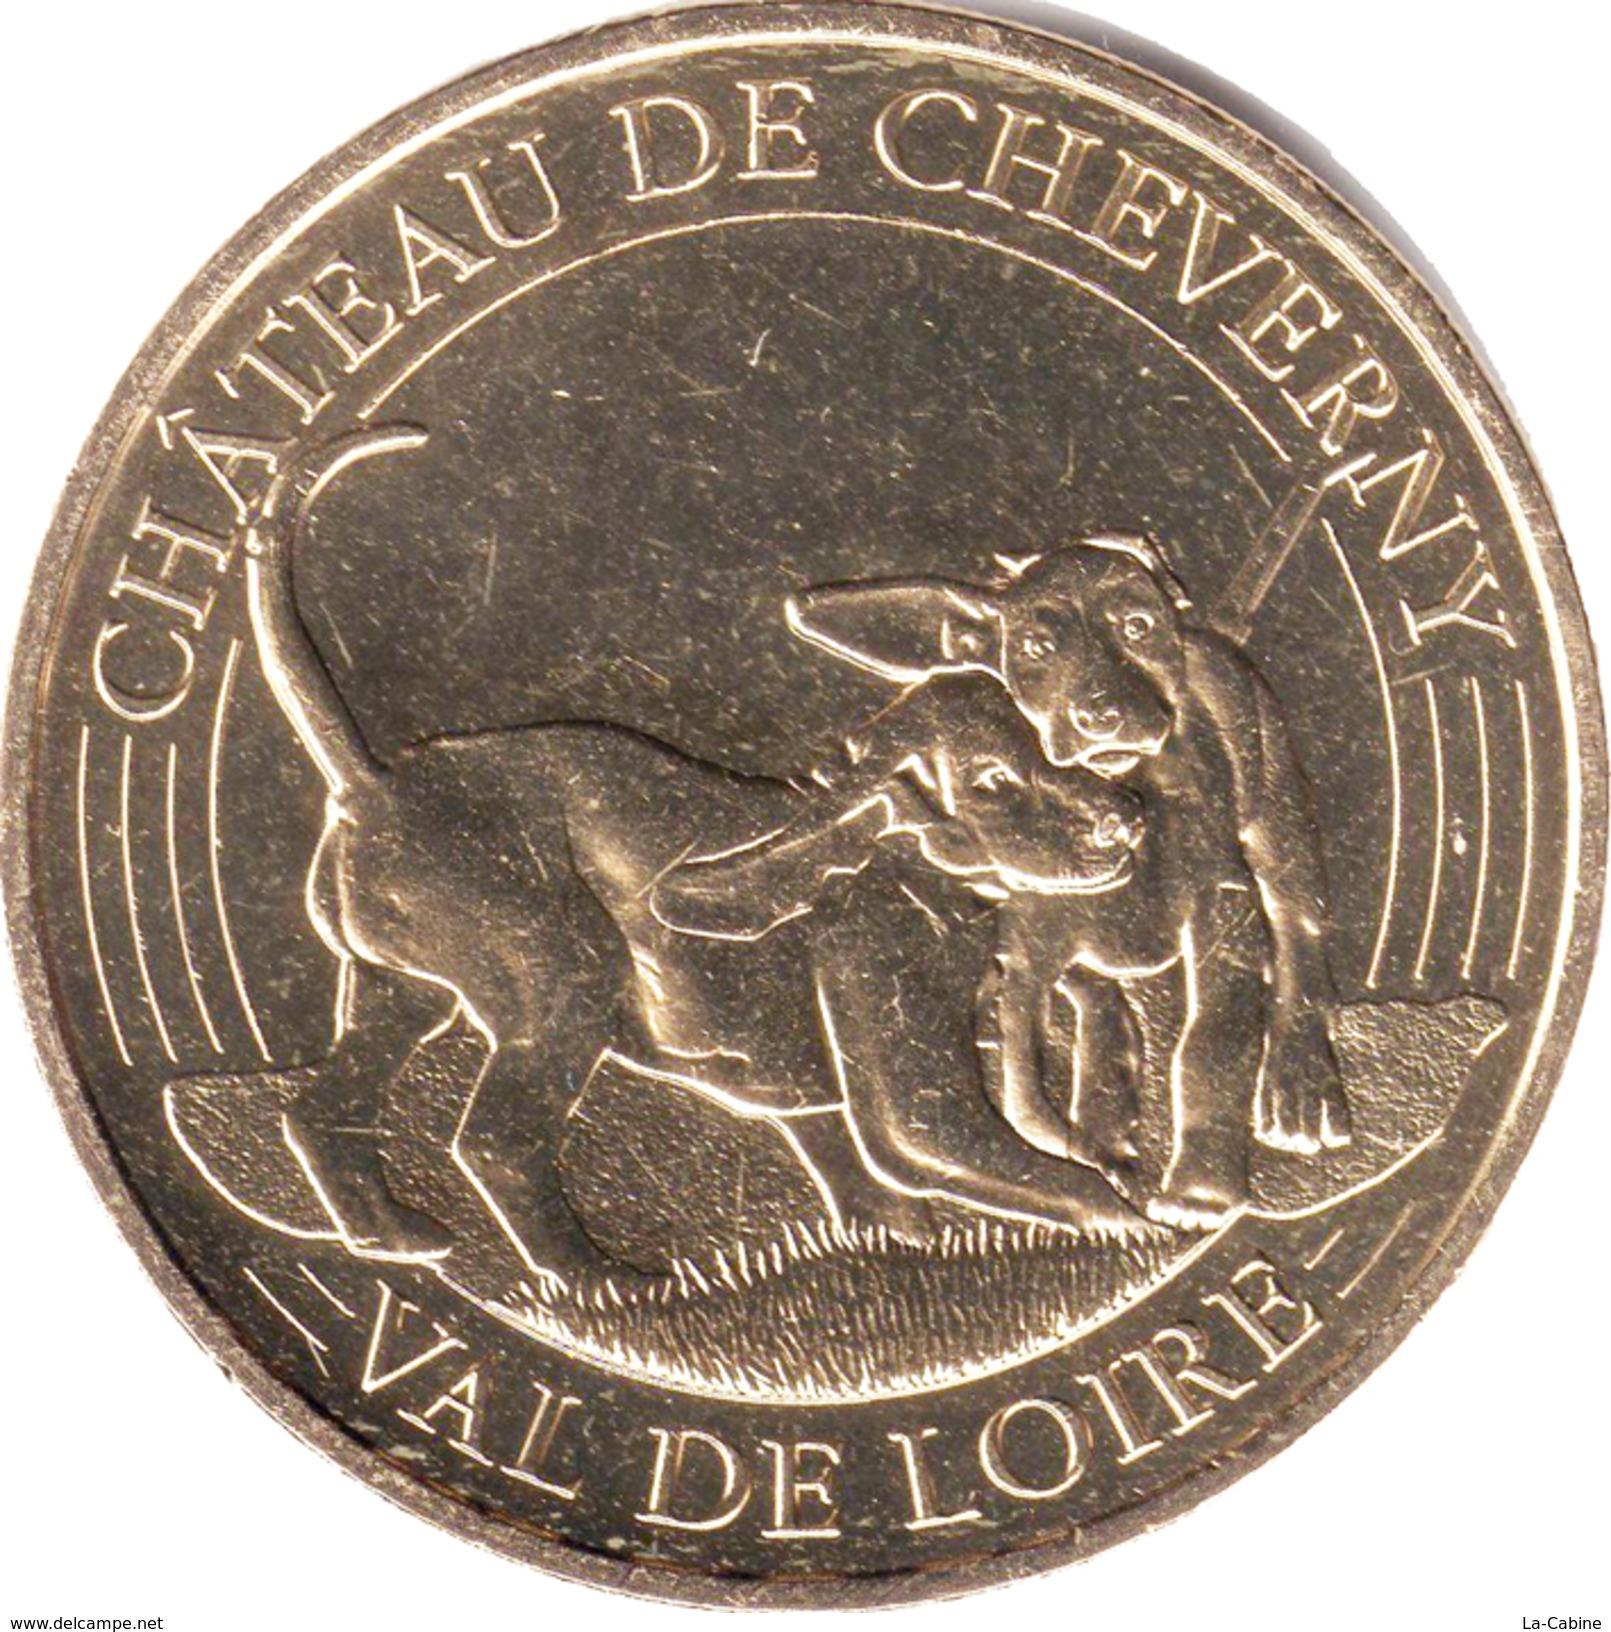 41 LOIR ET CHER CHEVERNY LE CHÂTEAU N°3 LES CHIENS MÉDAILLE MONNAIE DE PARIS 2017 JETON TOKEN MEDALS COINS - Monnaie De Paris